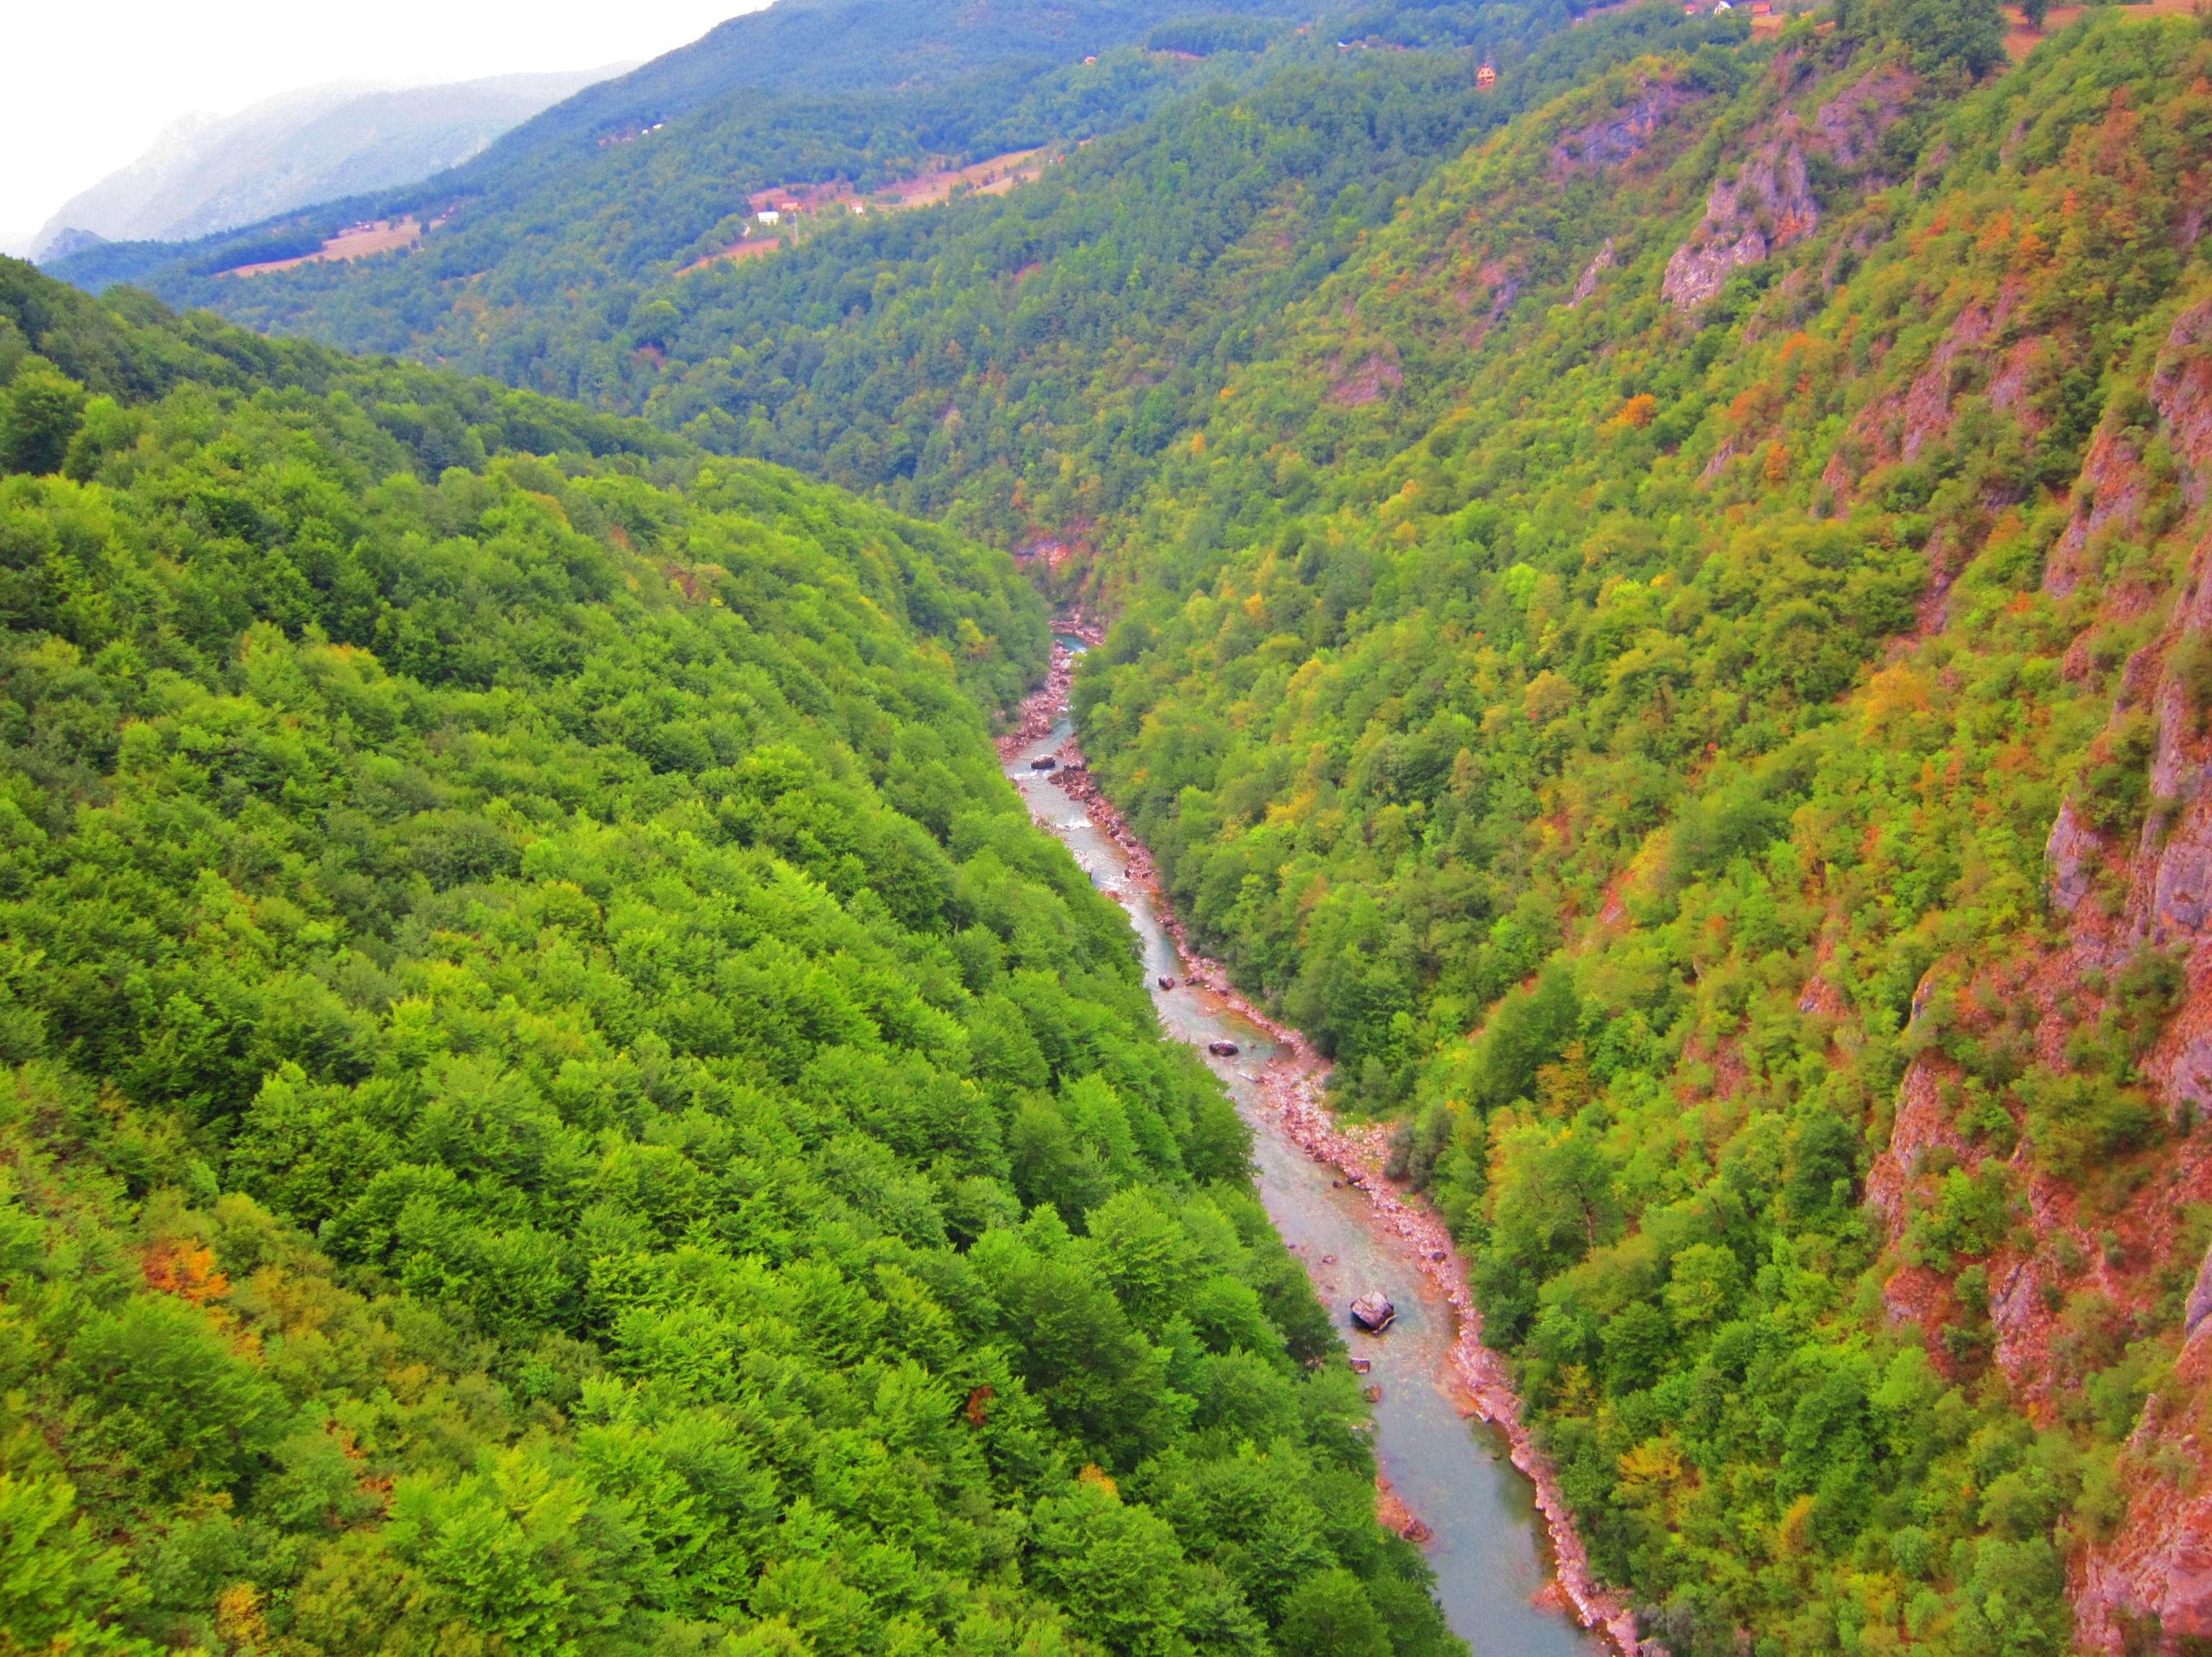 Imagini pentru canionul raului tara